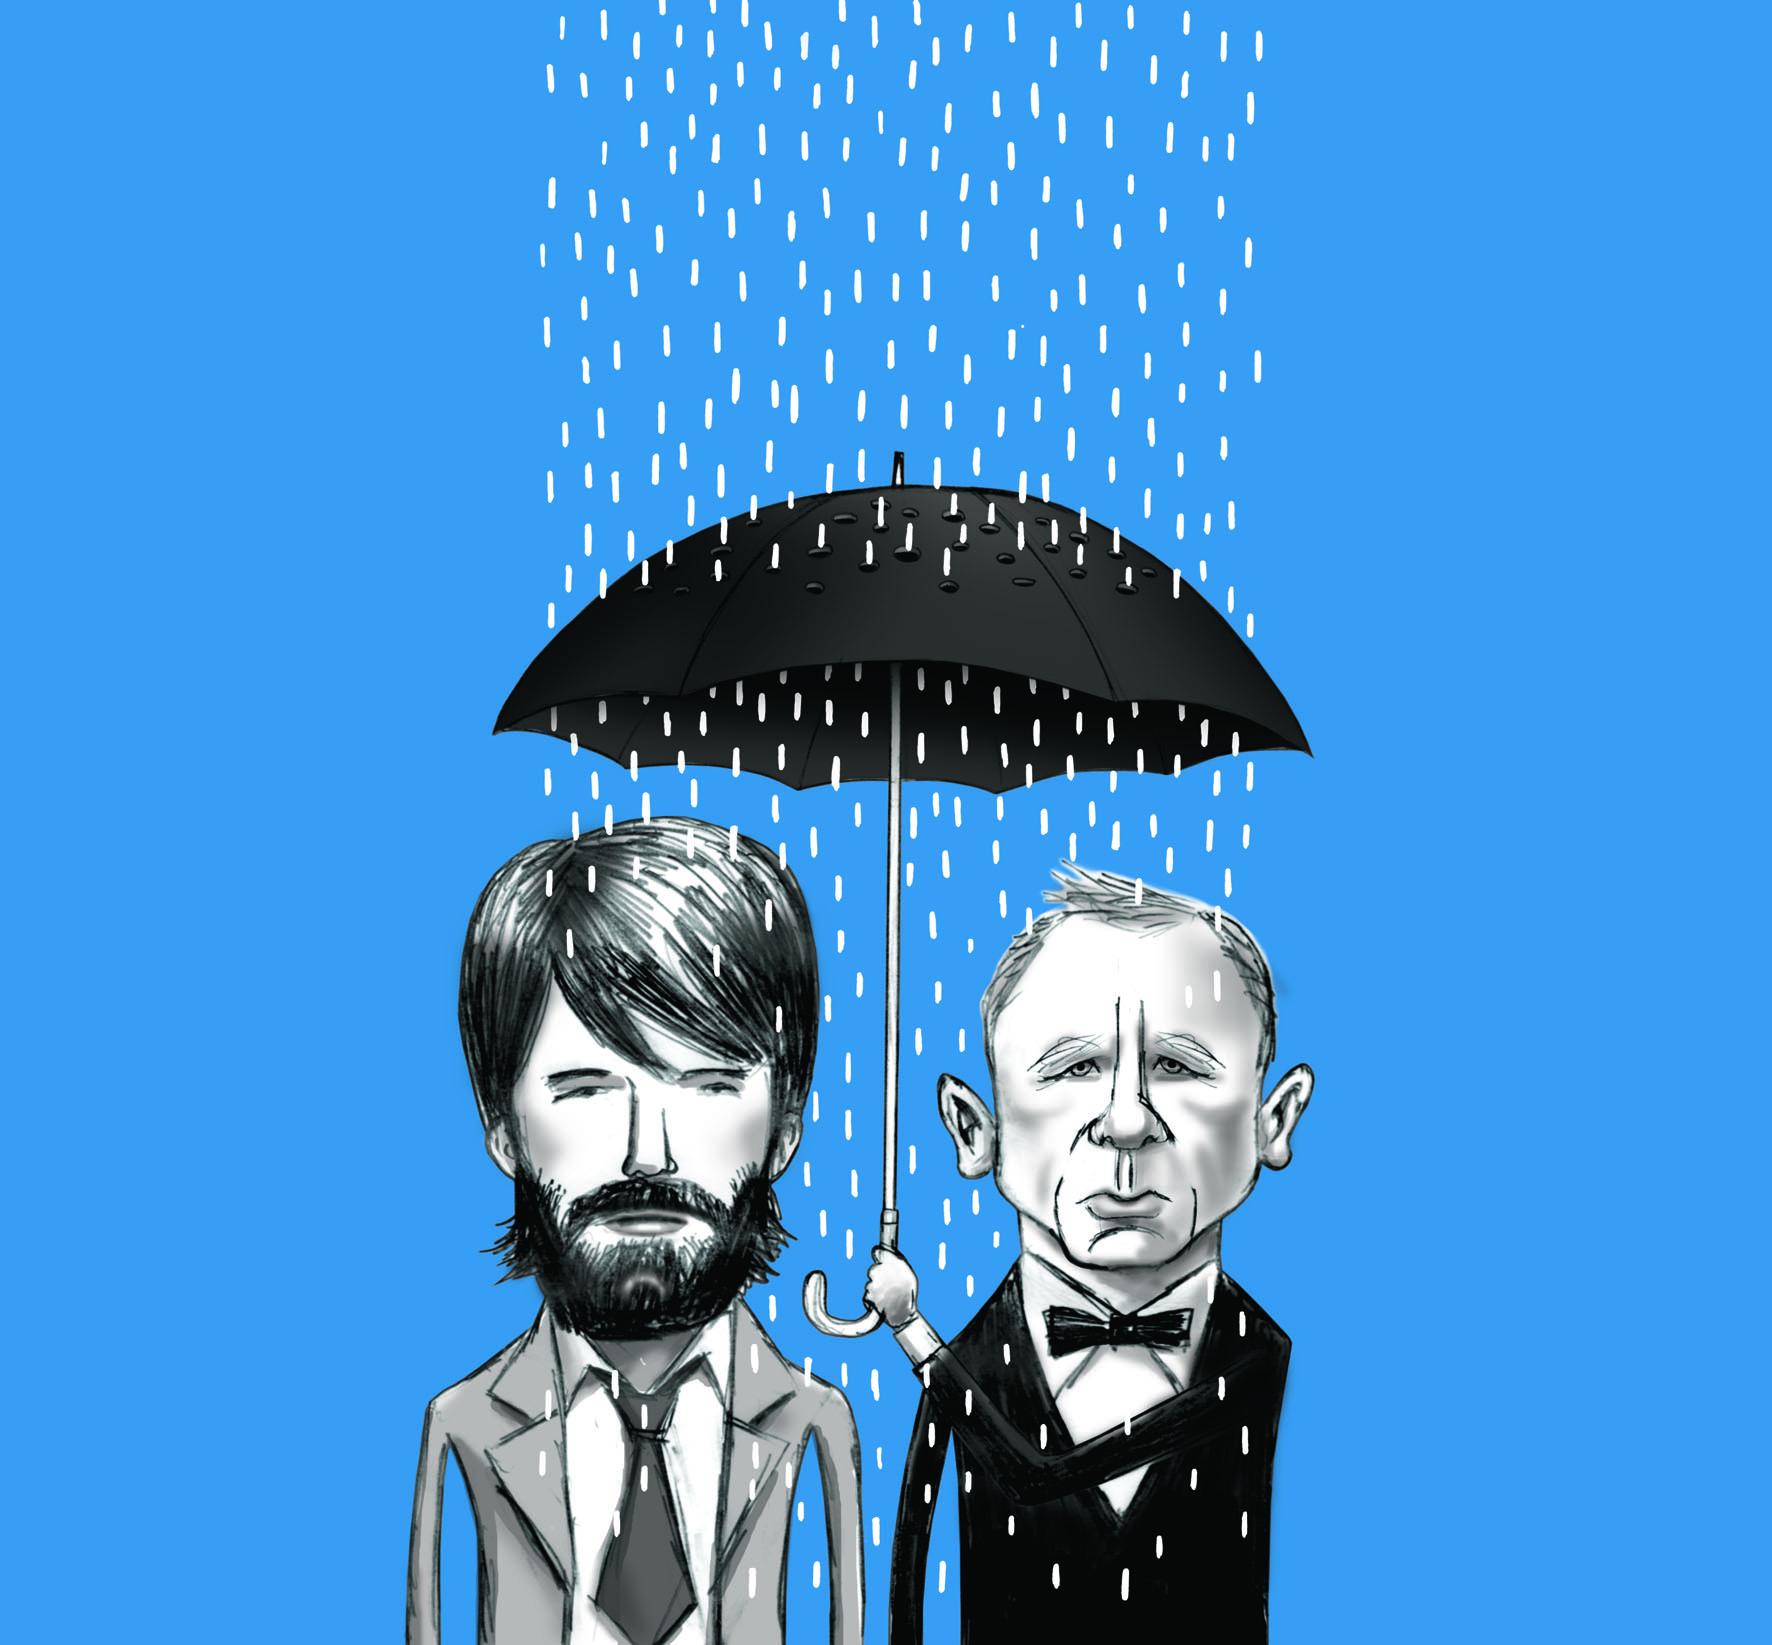 Dumb Umbrella.jpg